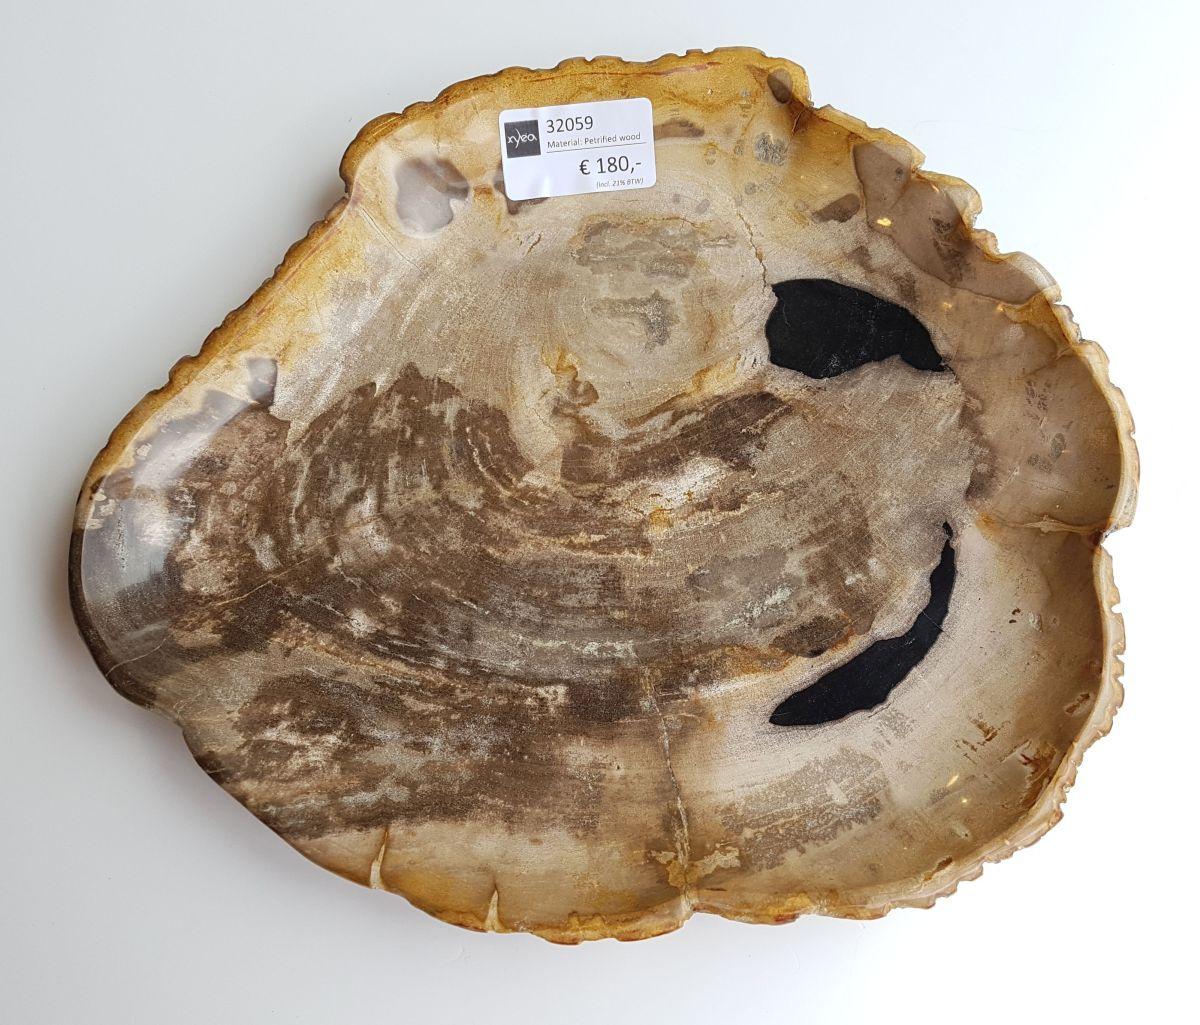 Teller versteinertes Holz 32059